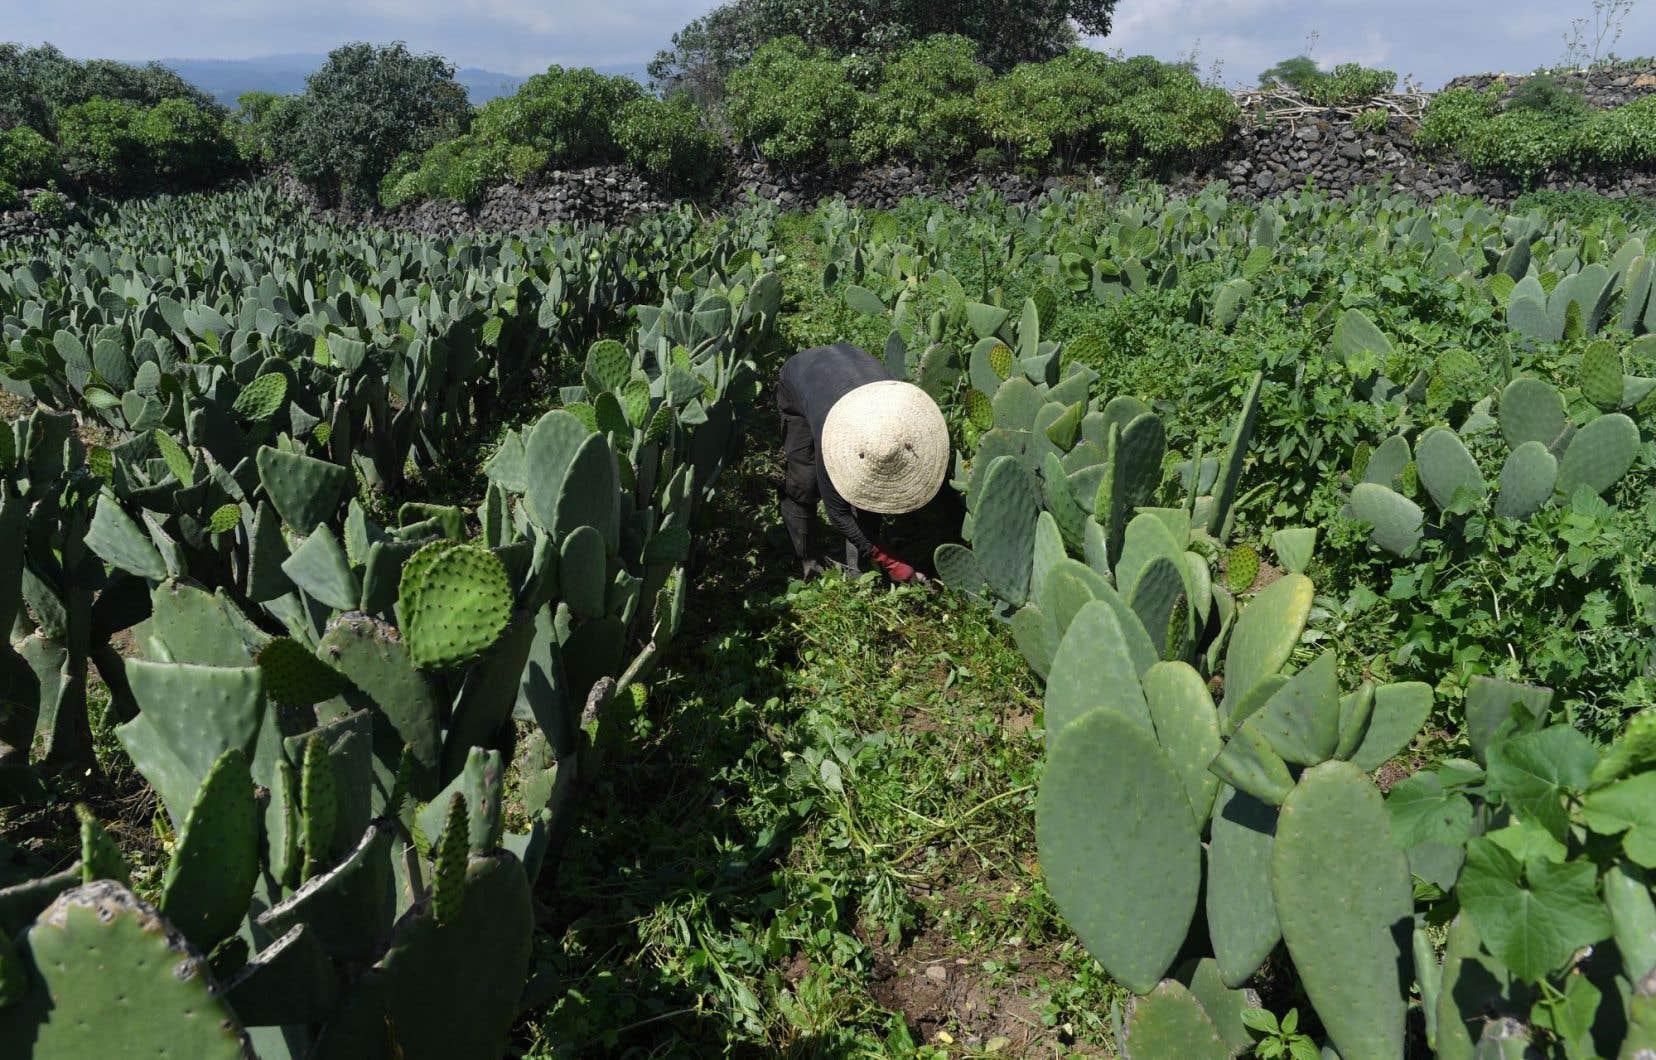 <p>Un paysan travaille dans des rangées de figuier de Barbari plantées sur les flancs du volcan éteint Teuhtli, au Mexique.</p>